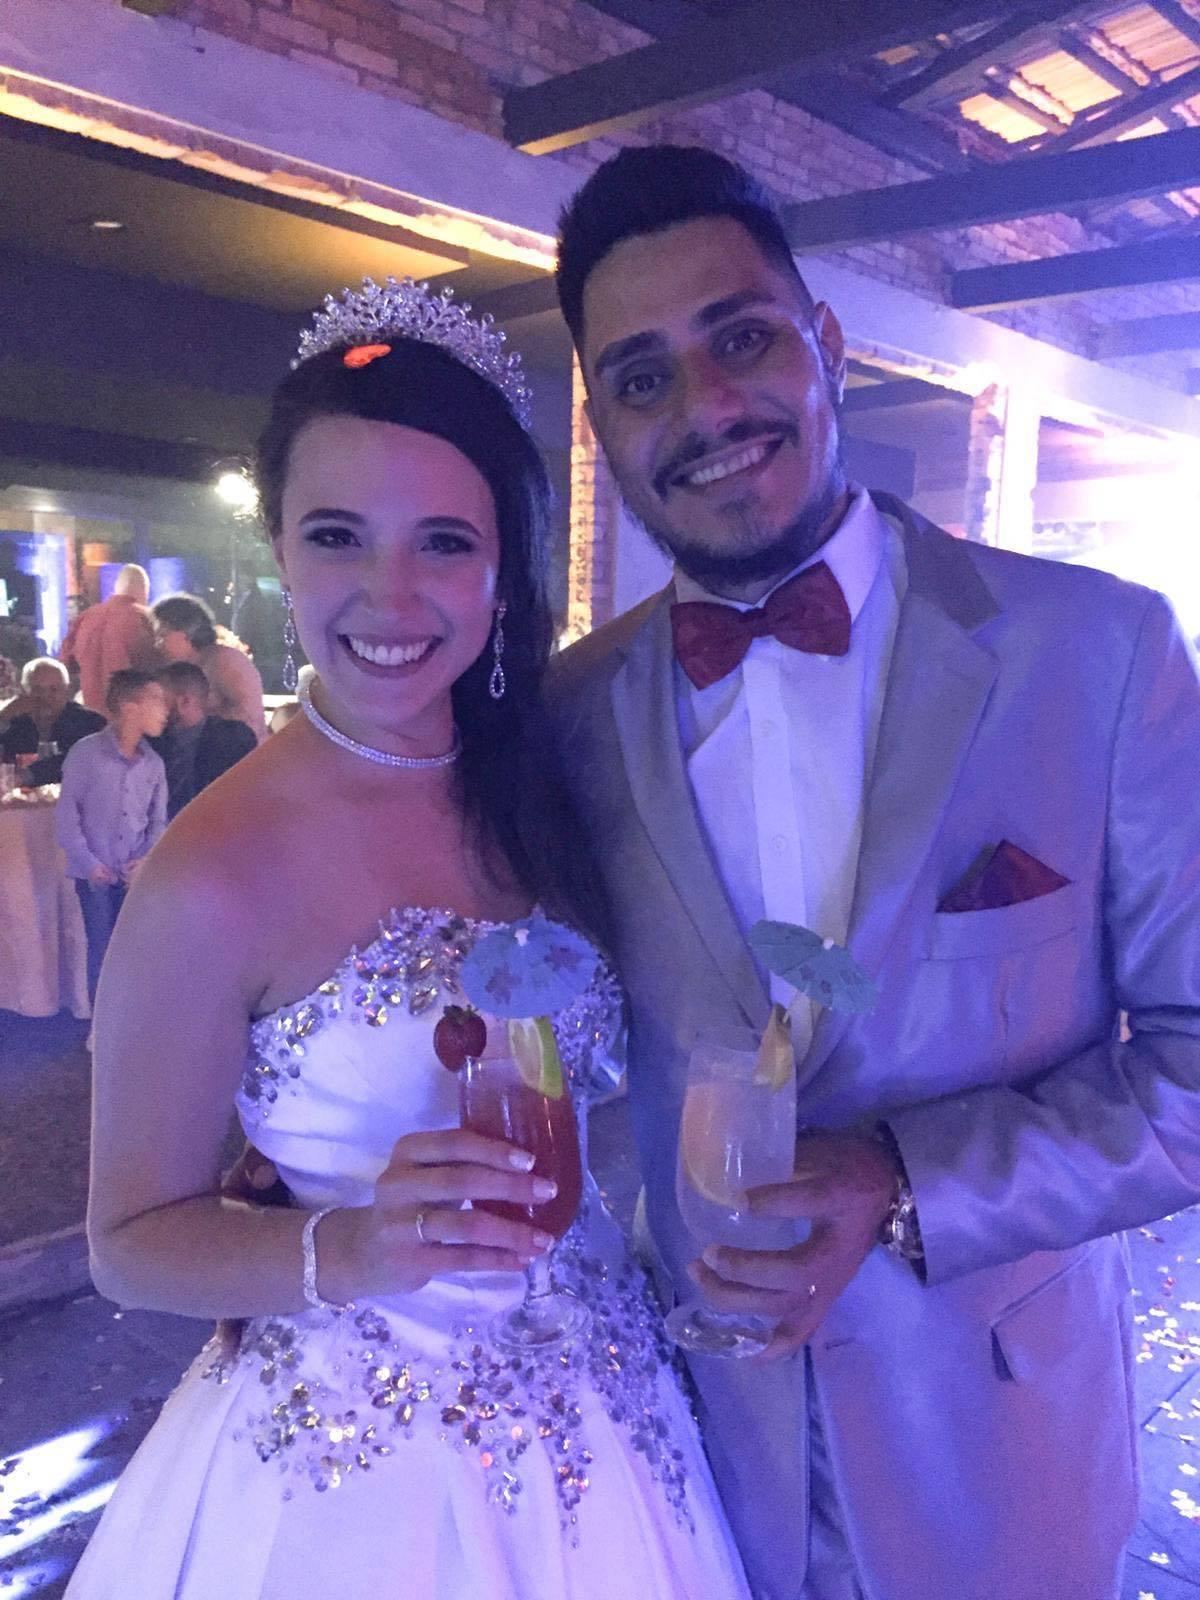 CHUVA DE ARROZ – Ainda em tempo de desejar as felicitações ao casal, Rafael Anacleto Ferreira e Carolina Vianna Gomes Ferreira, que recentemente receberam familiares e amigos para a cerimônia de seu casamento, que foi realizado na Fazenda Pedra Verde.